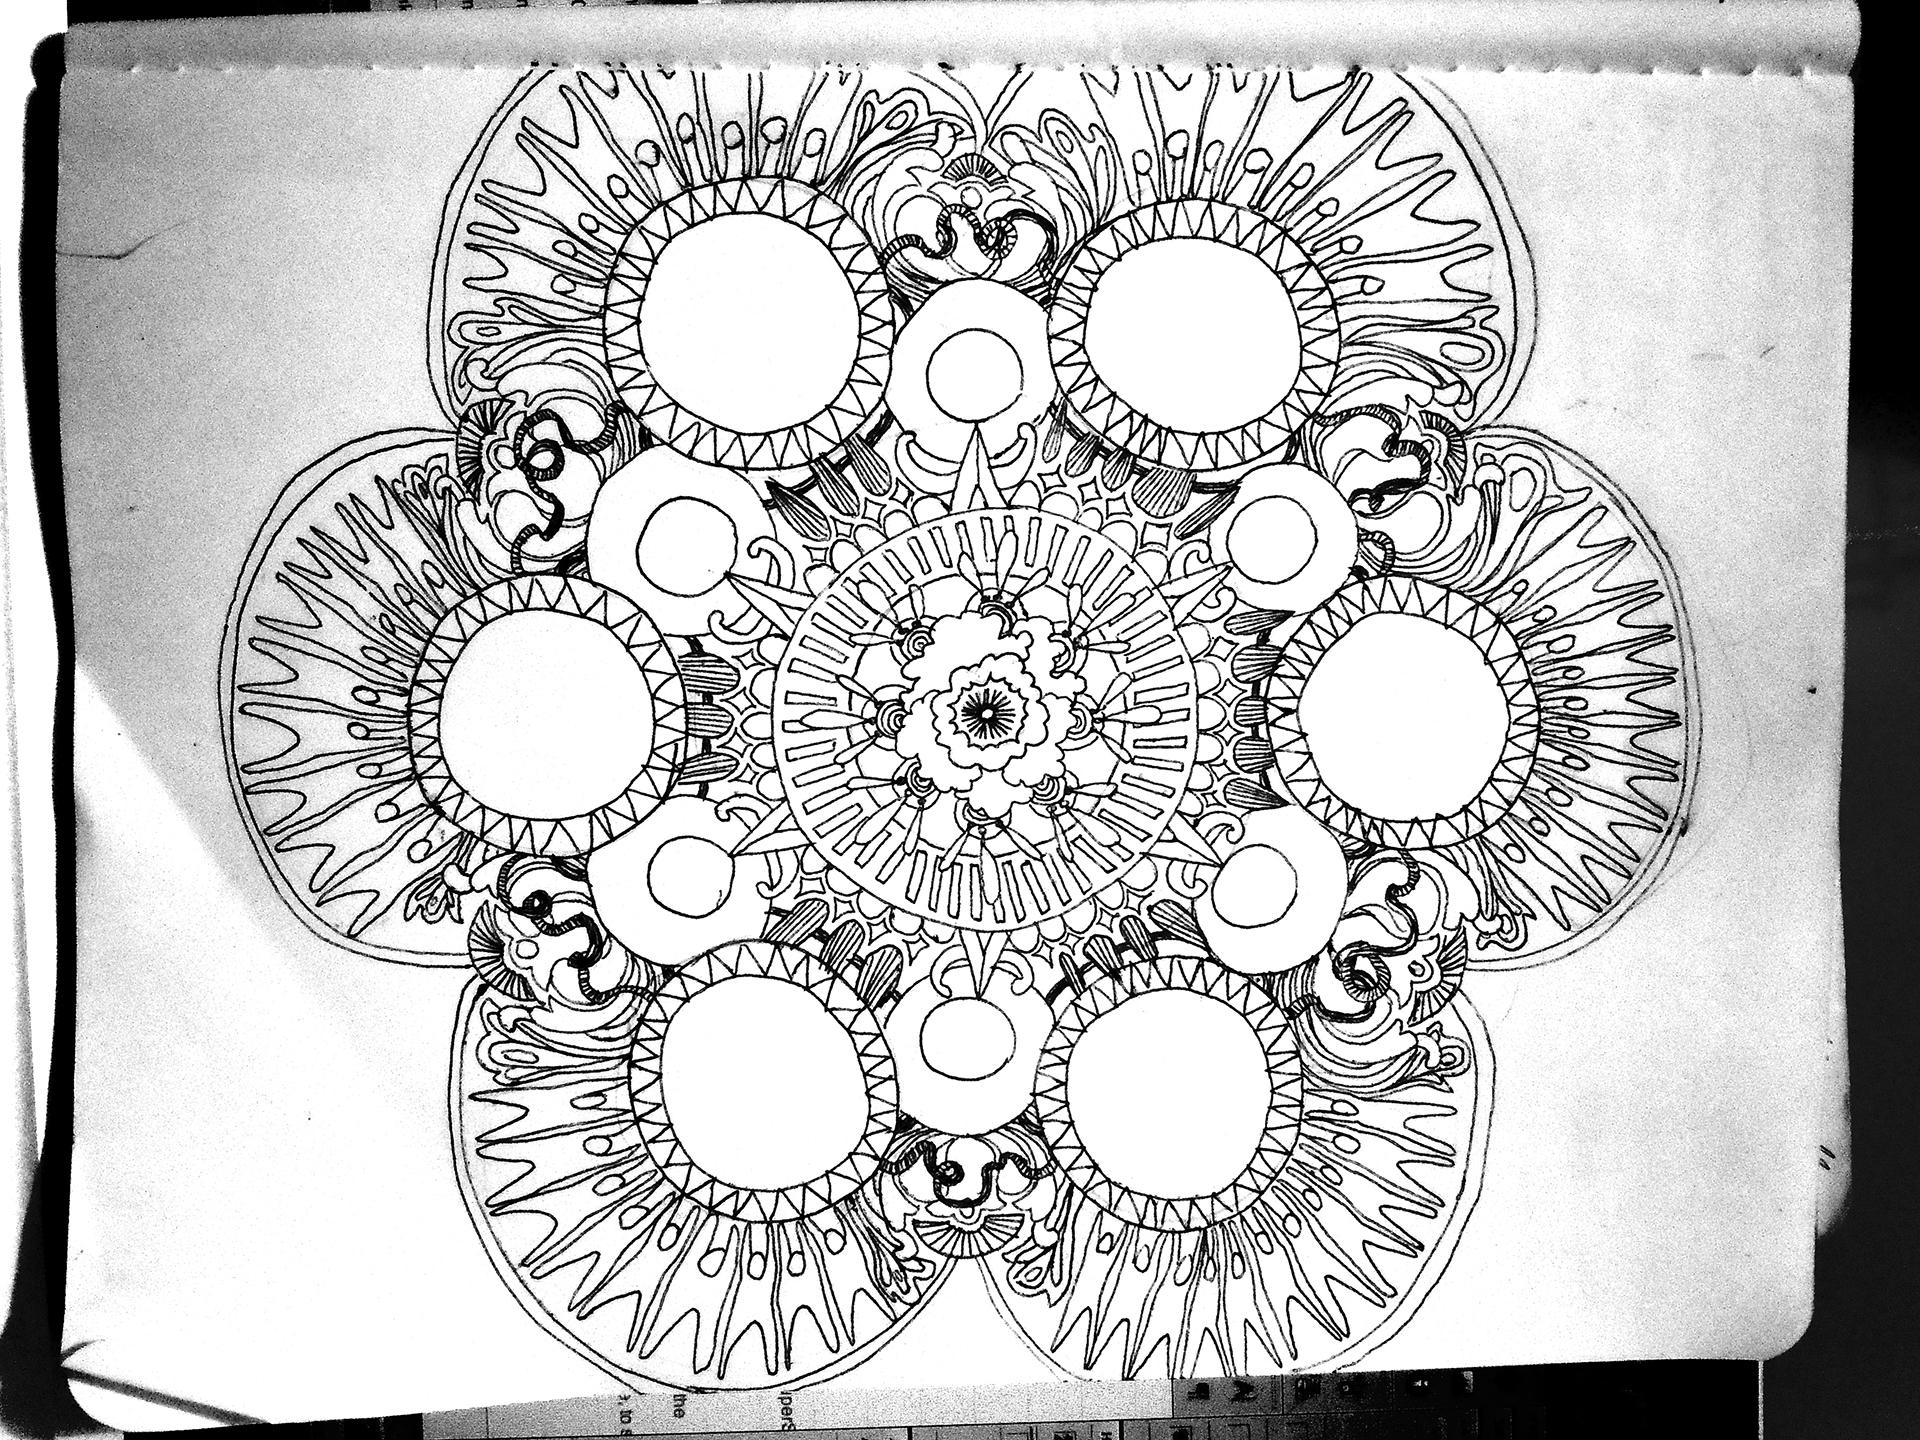 plan, line-drawing